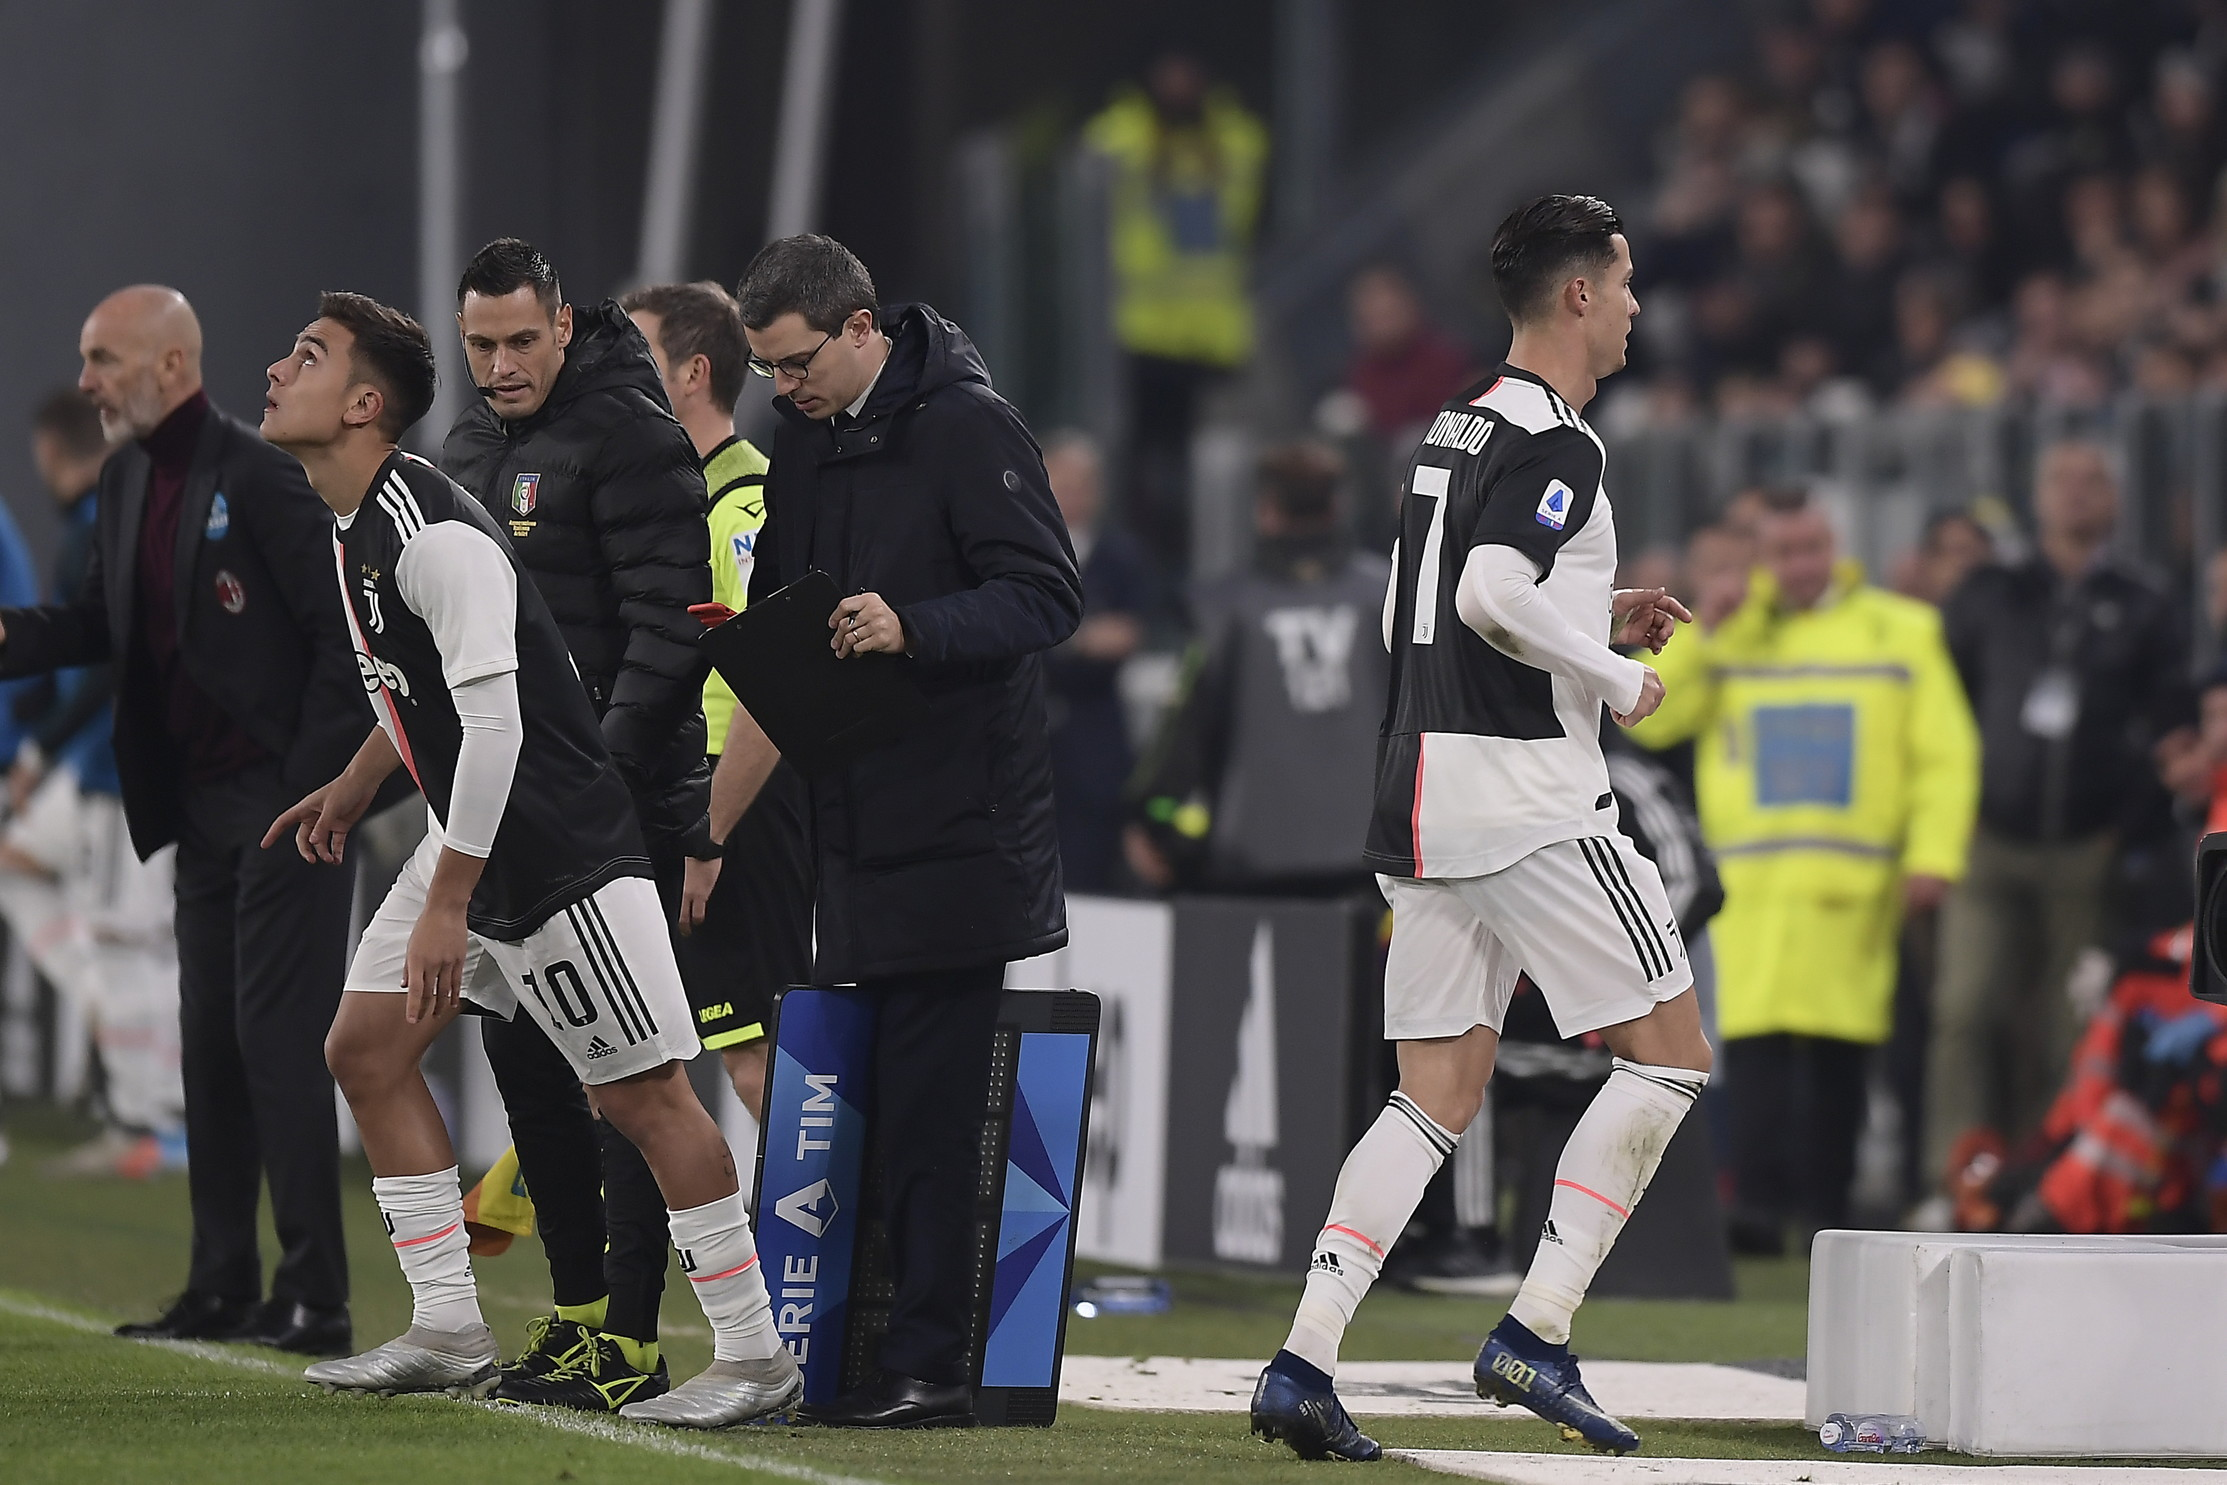 Prima la Lomotiv Mosca, ora il Milan: non è il momento migliore della stagione per Cristiano Ronaldo che incassa due sostituzioni a gara in cor...